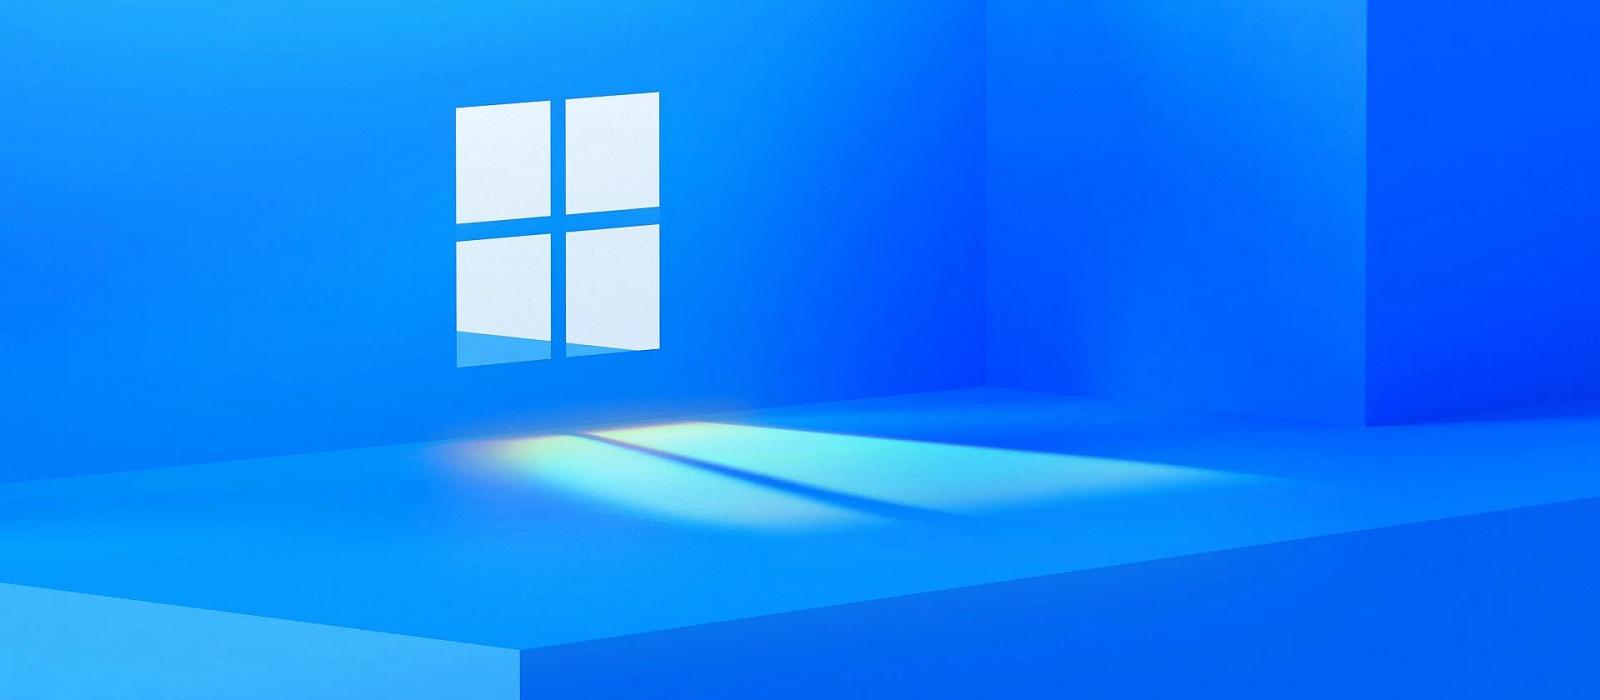 Die Medien haben herausgefunden, was Nutzer von Windows 11 erwarten und was sie davon halten